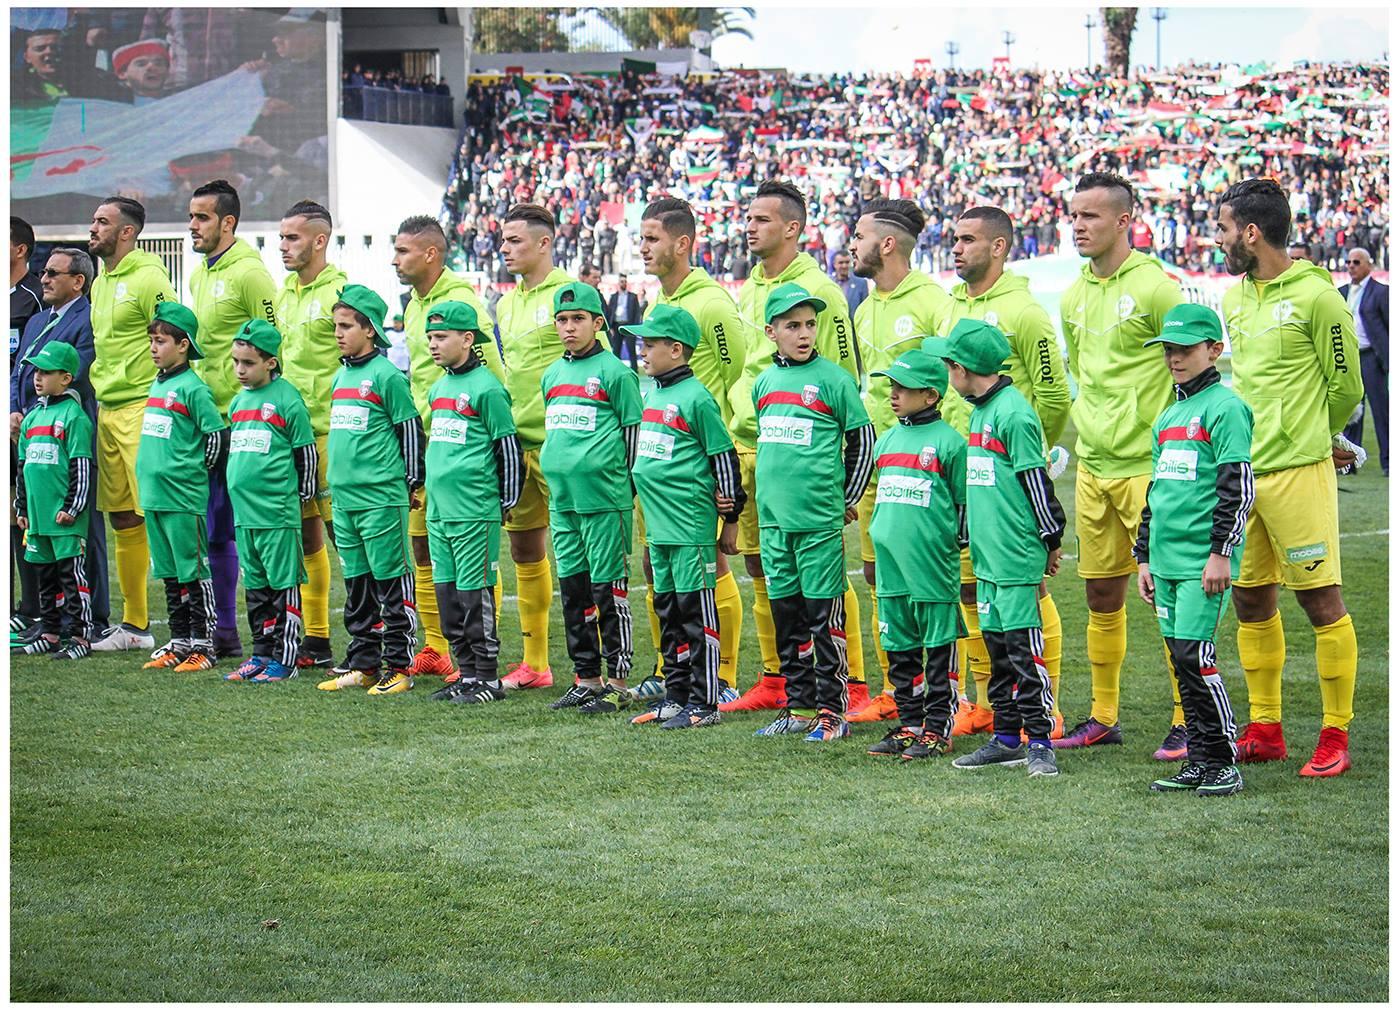 finale 2018 coupe usmba jsk hymne